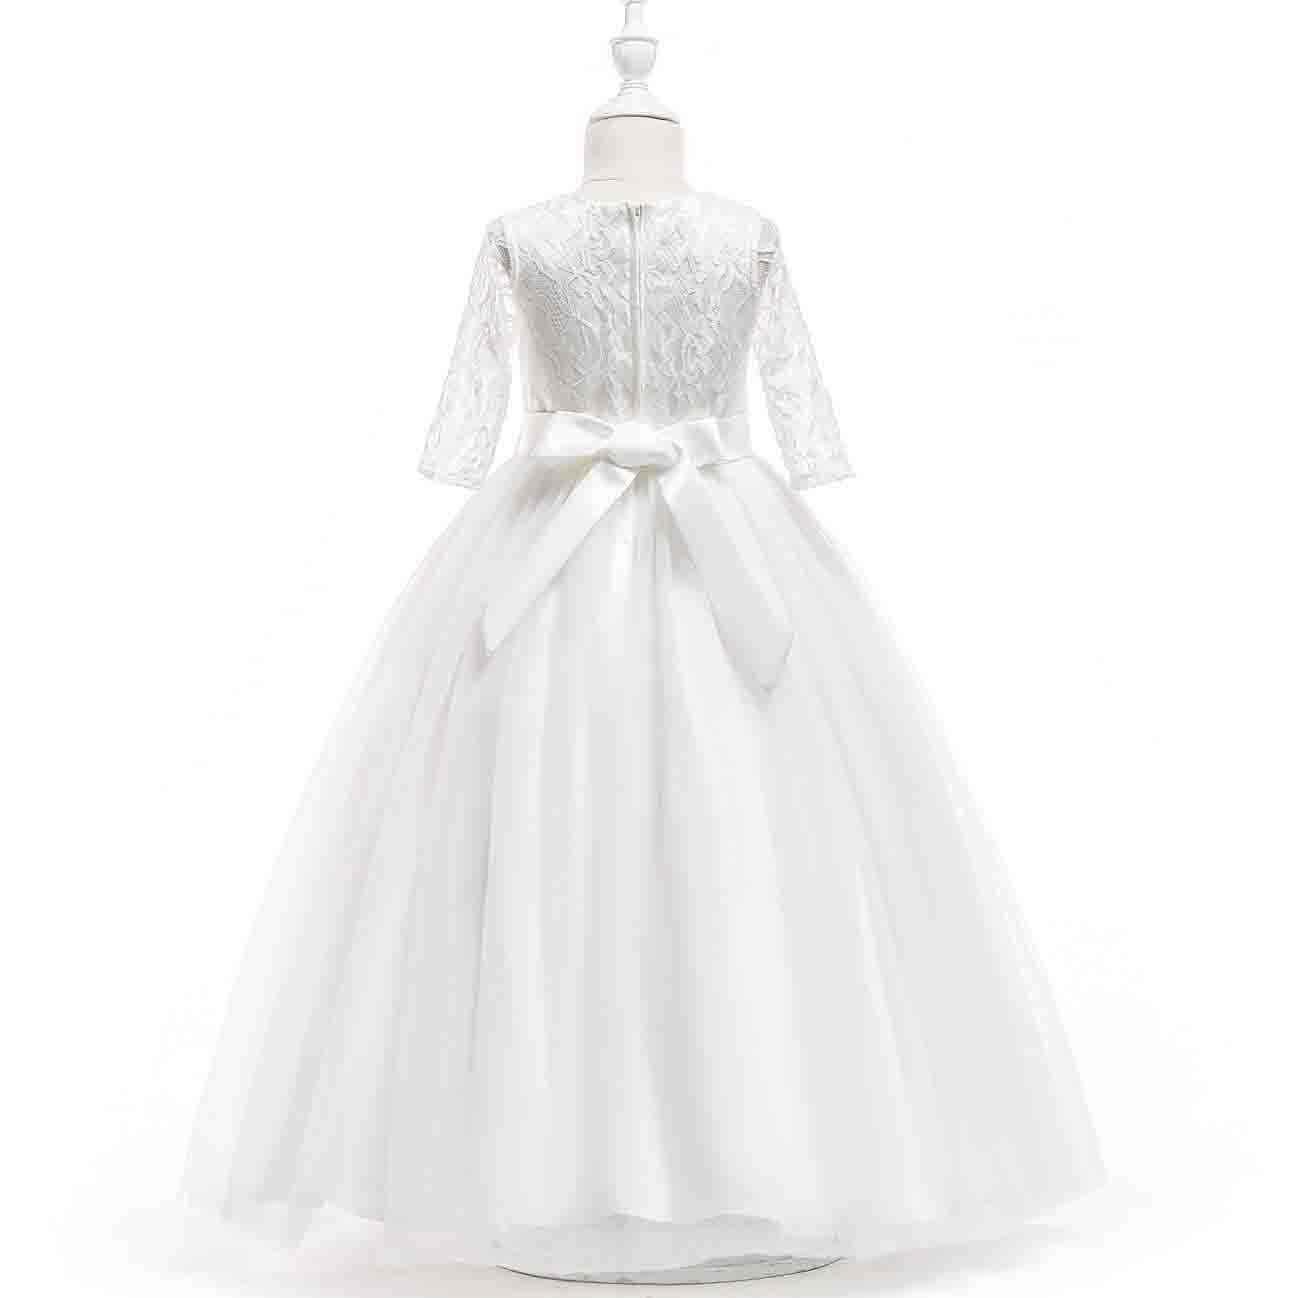 19 jahre Mädchen Kleider Hochzeit Halbe Hülse Lange Weiß Mädchen Vestido 19  19 19 19 19 119 Jahre Alte Kinder kleidung Sommer 19 RKF119190191